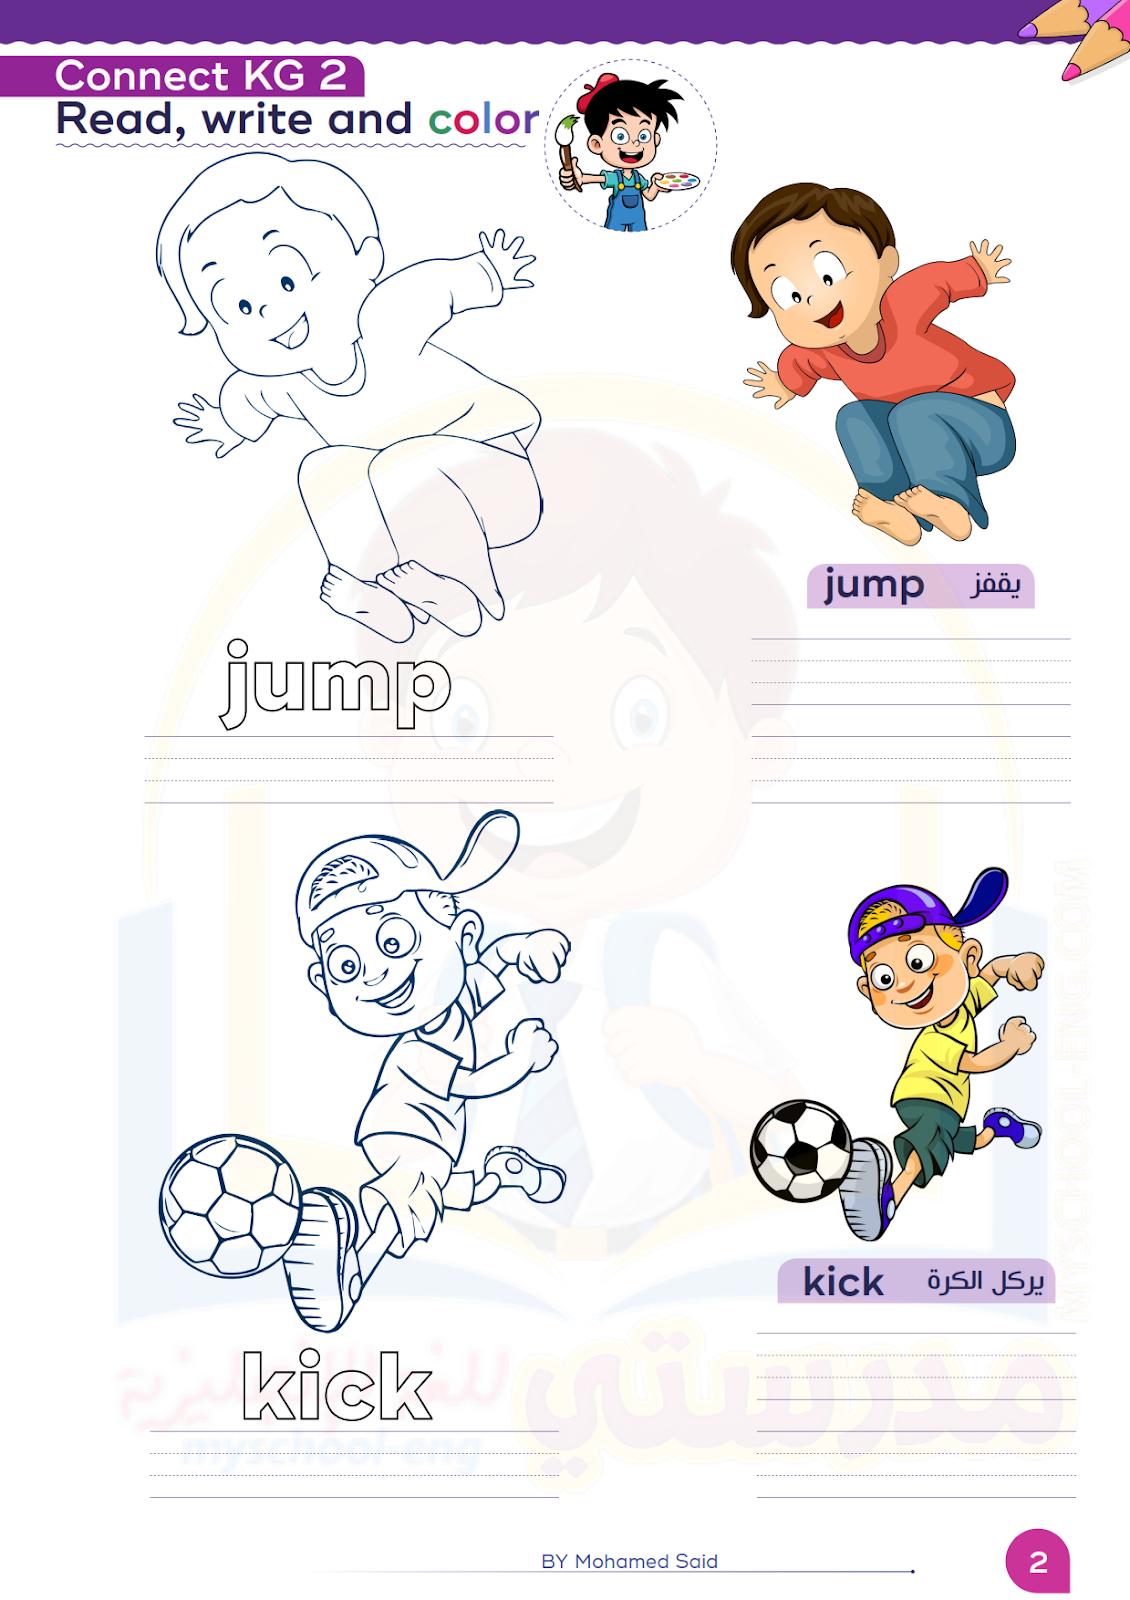 كراسة الكتابة والتلوين لرياض الأطفال Kg 2 منهج Connect الترم الأول 2021 Fictional Characters Writing Reading